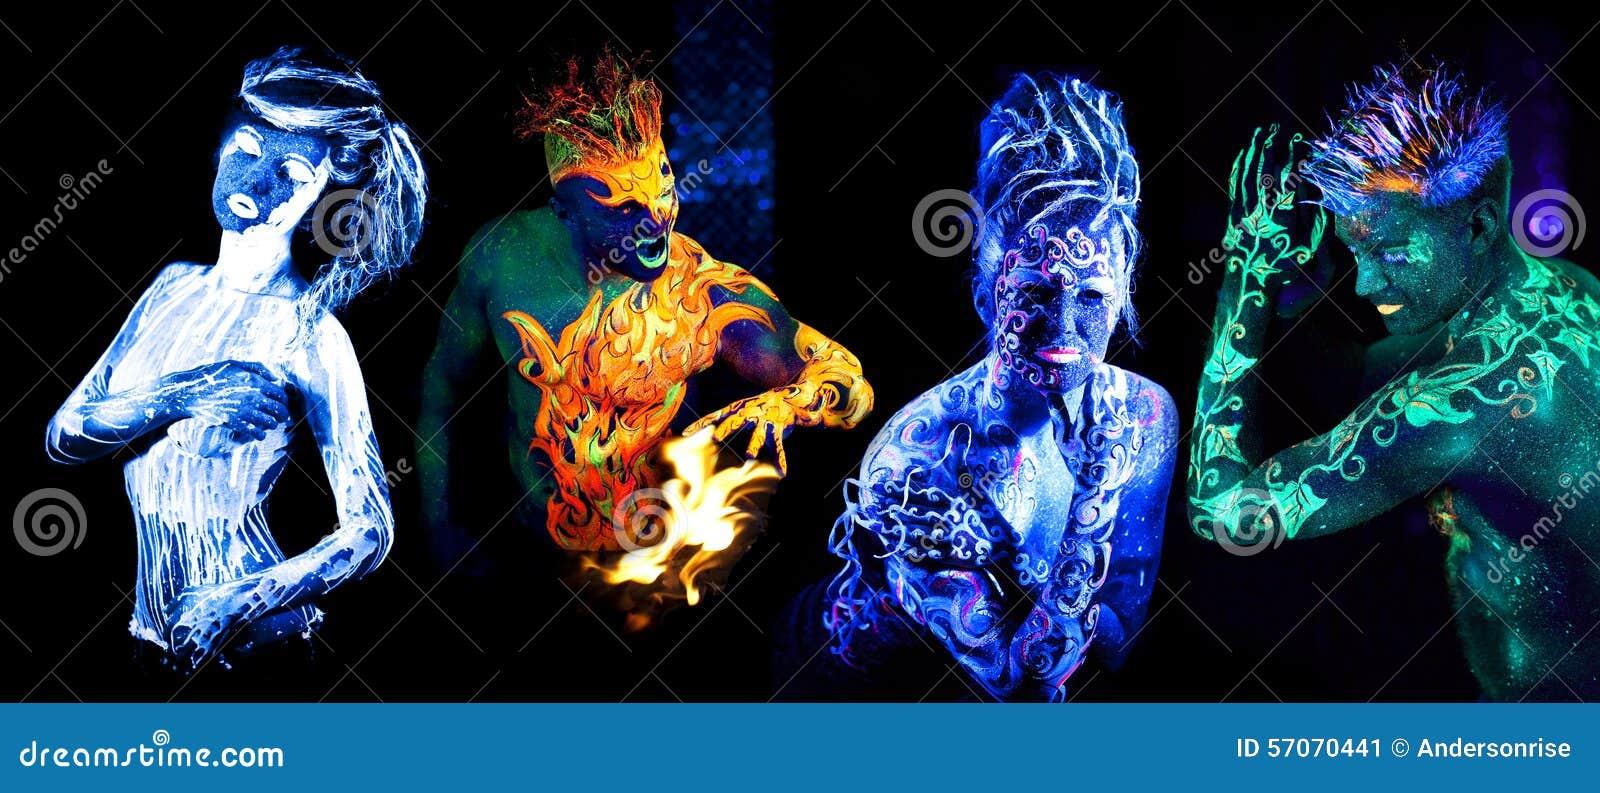 Vier elementen Lichaamskunst die in ultraviolet licht gloeit